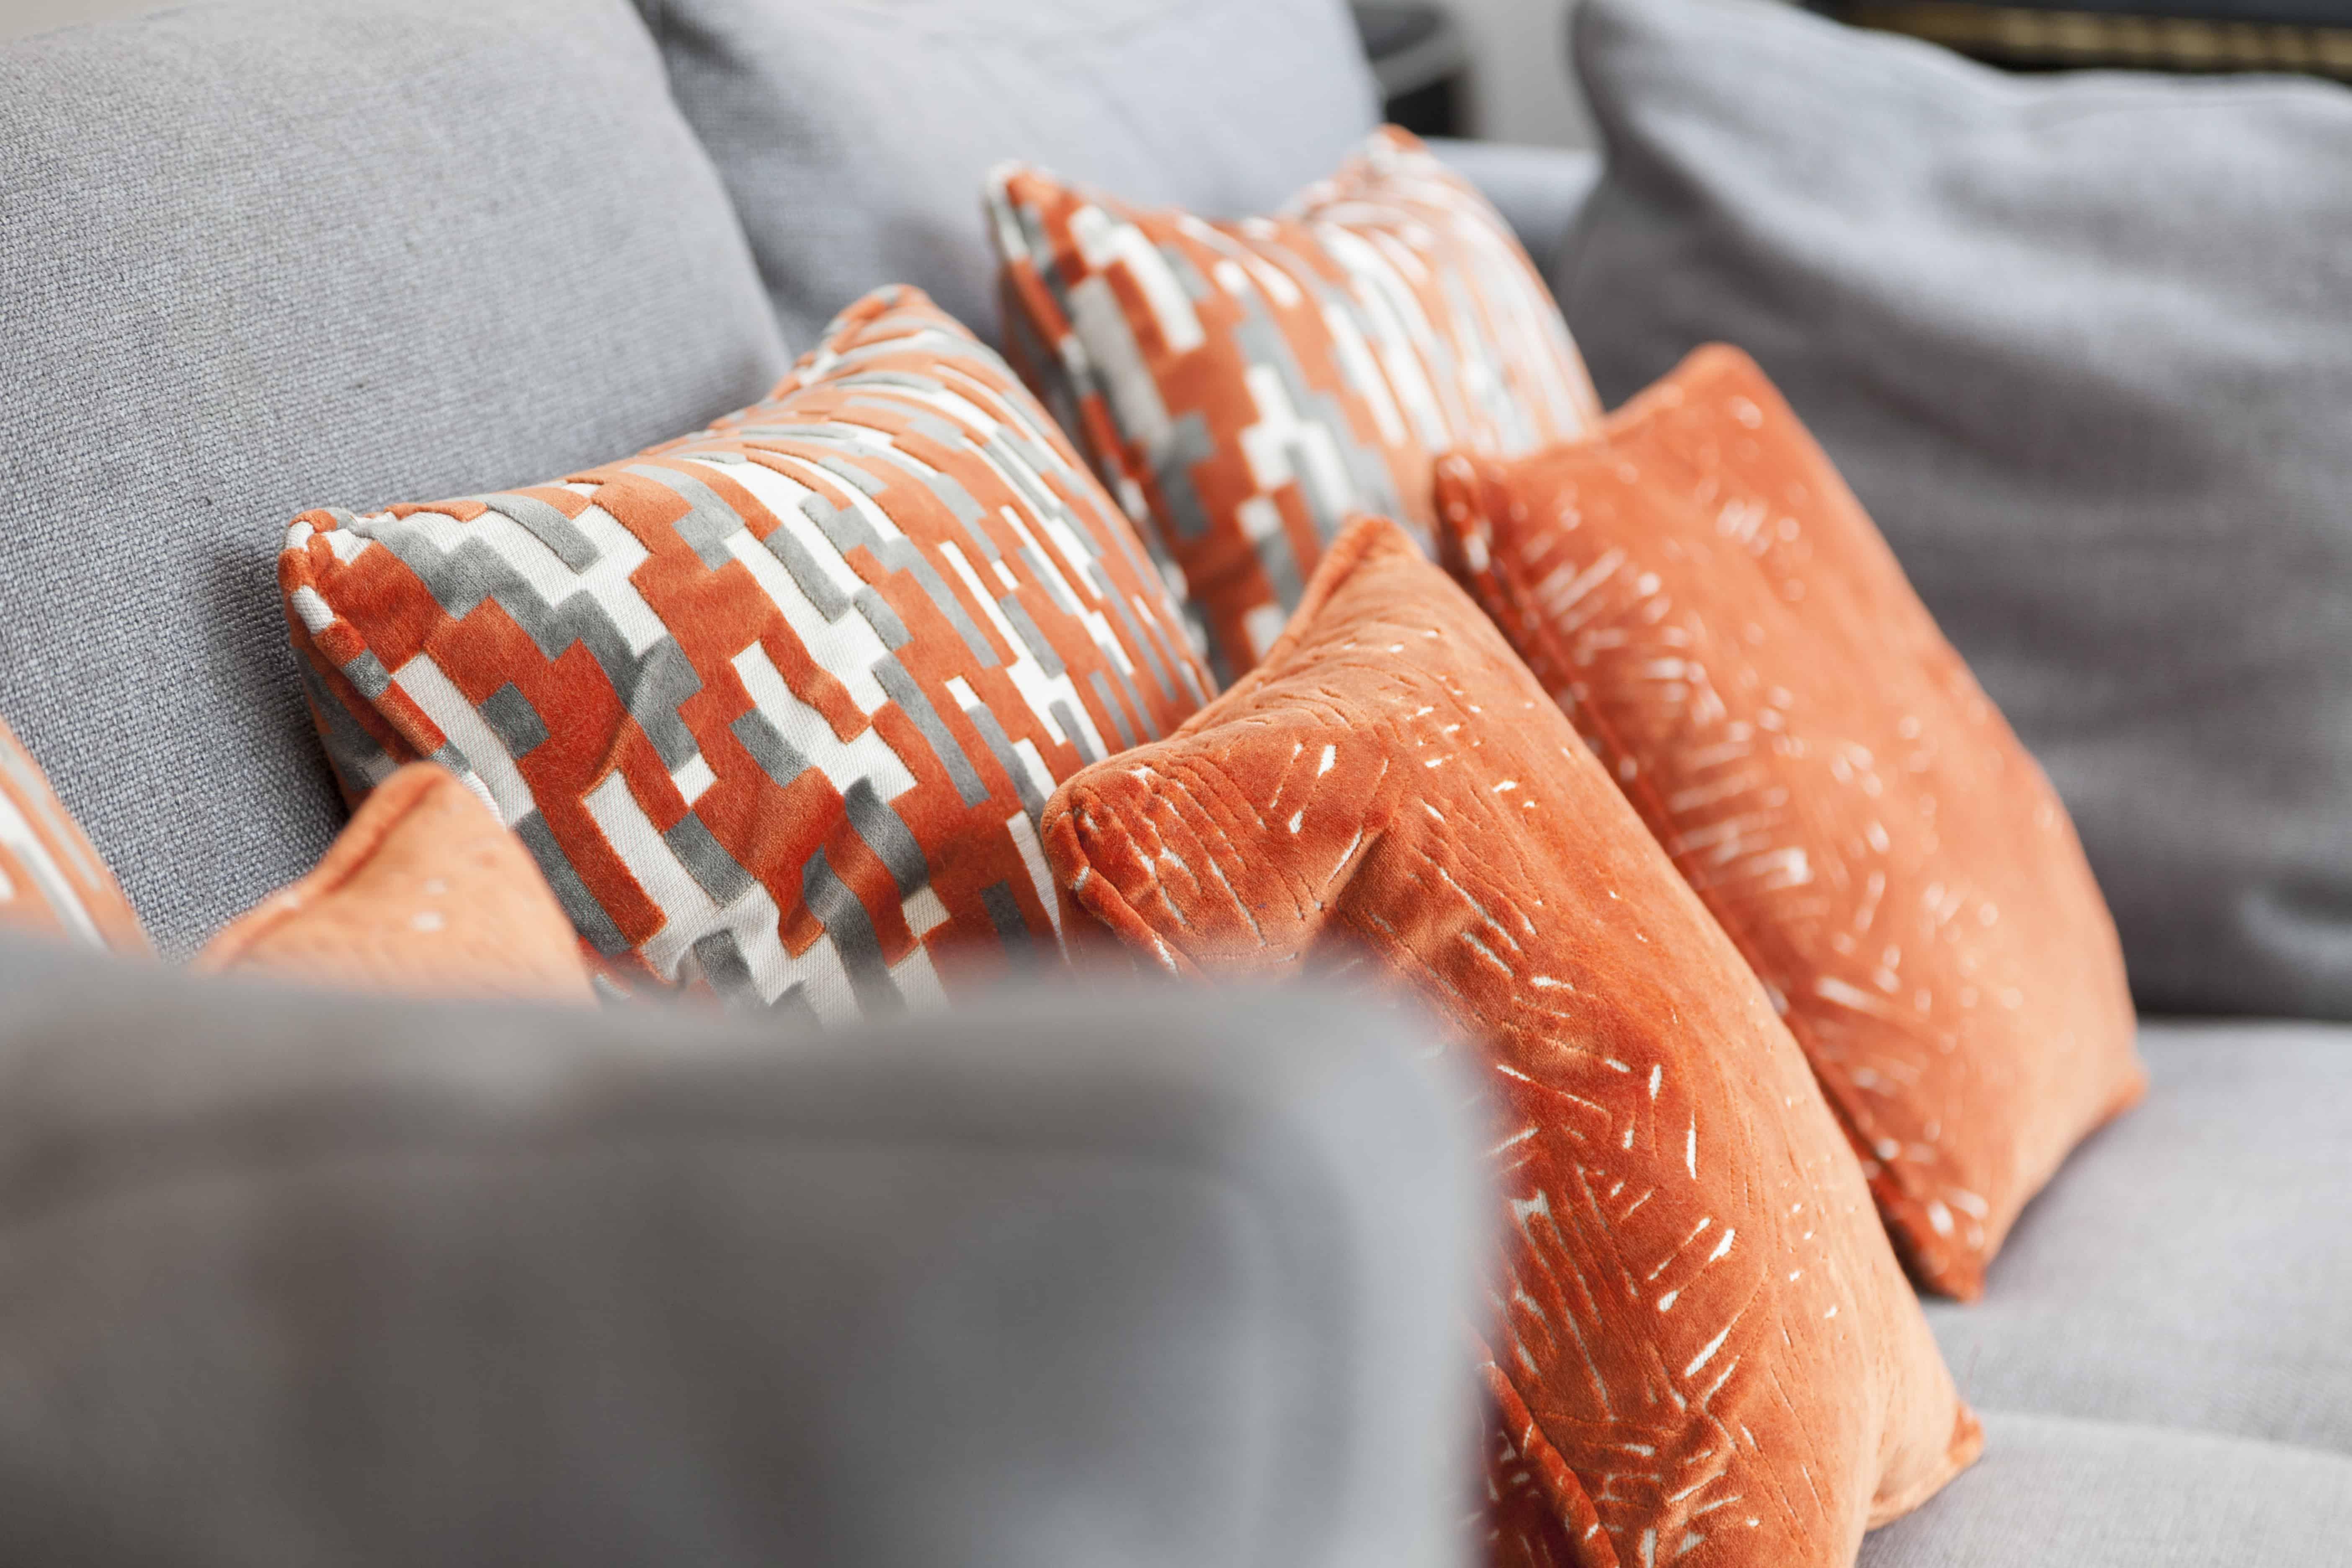 rjv-home-design-refurbishment-london-5e53e87c7812a